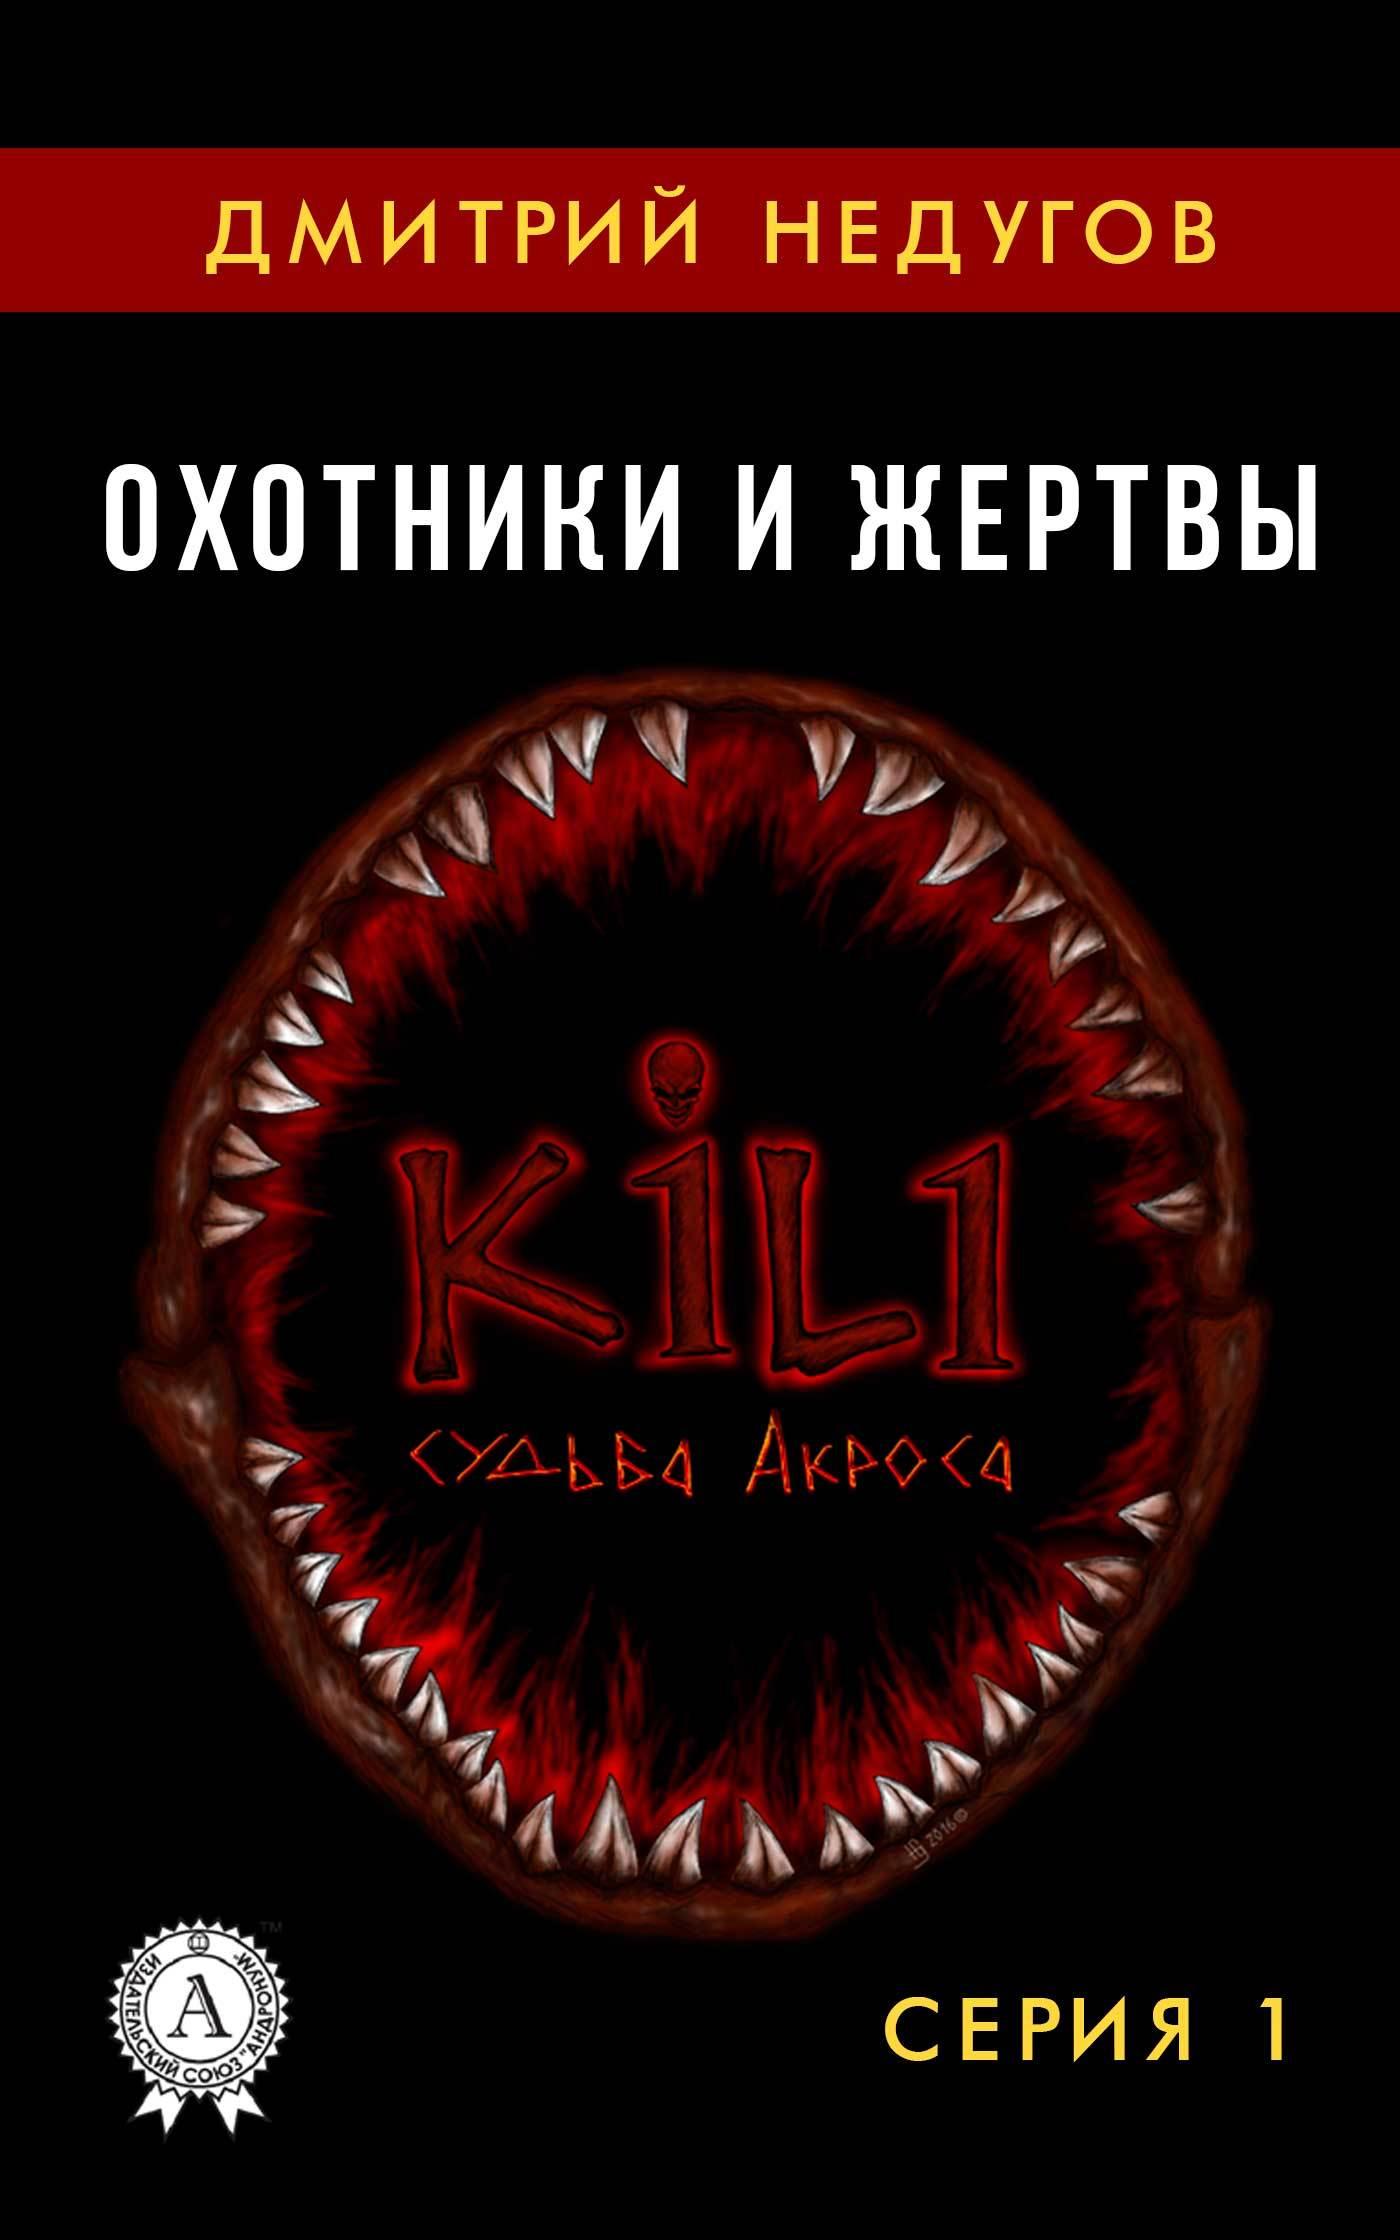 Дмитрий Недугов - Охотники и жертвы. Серия 1